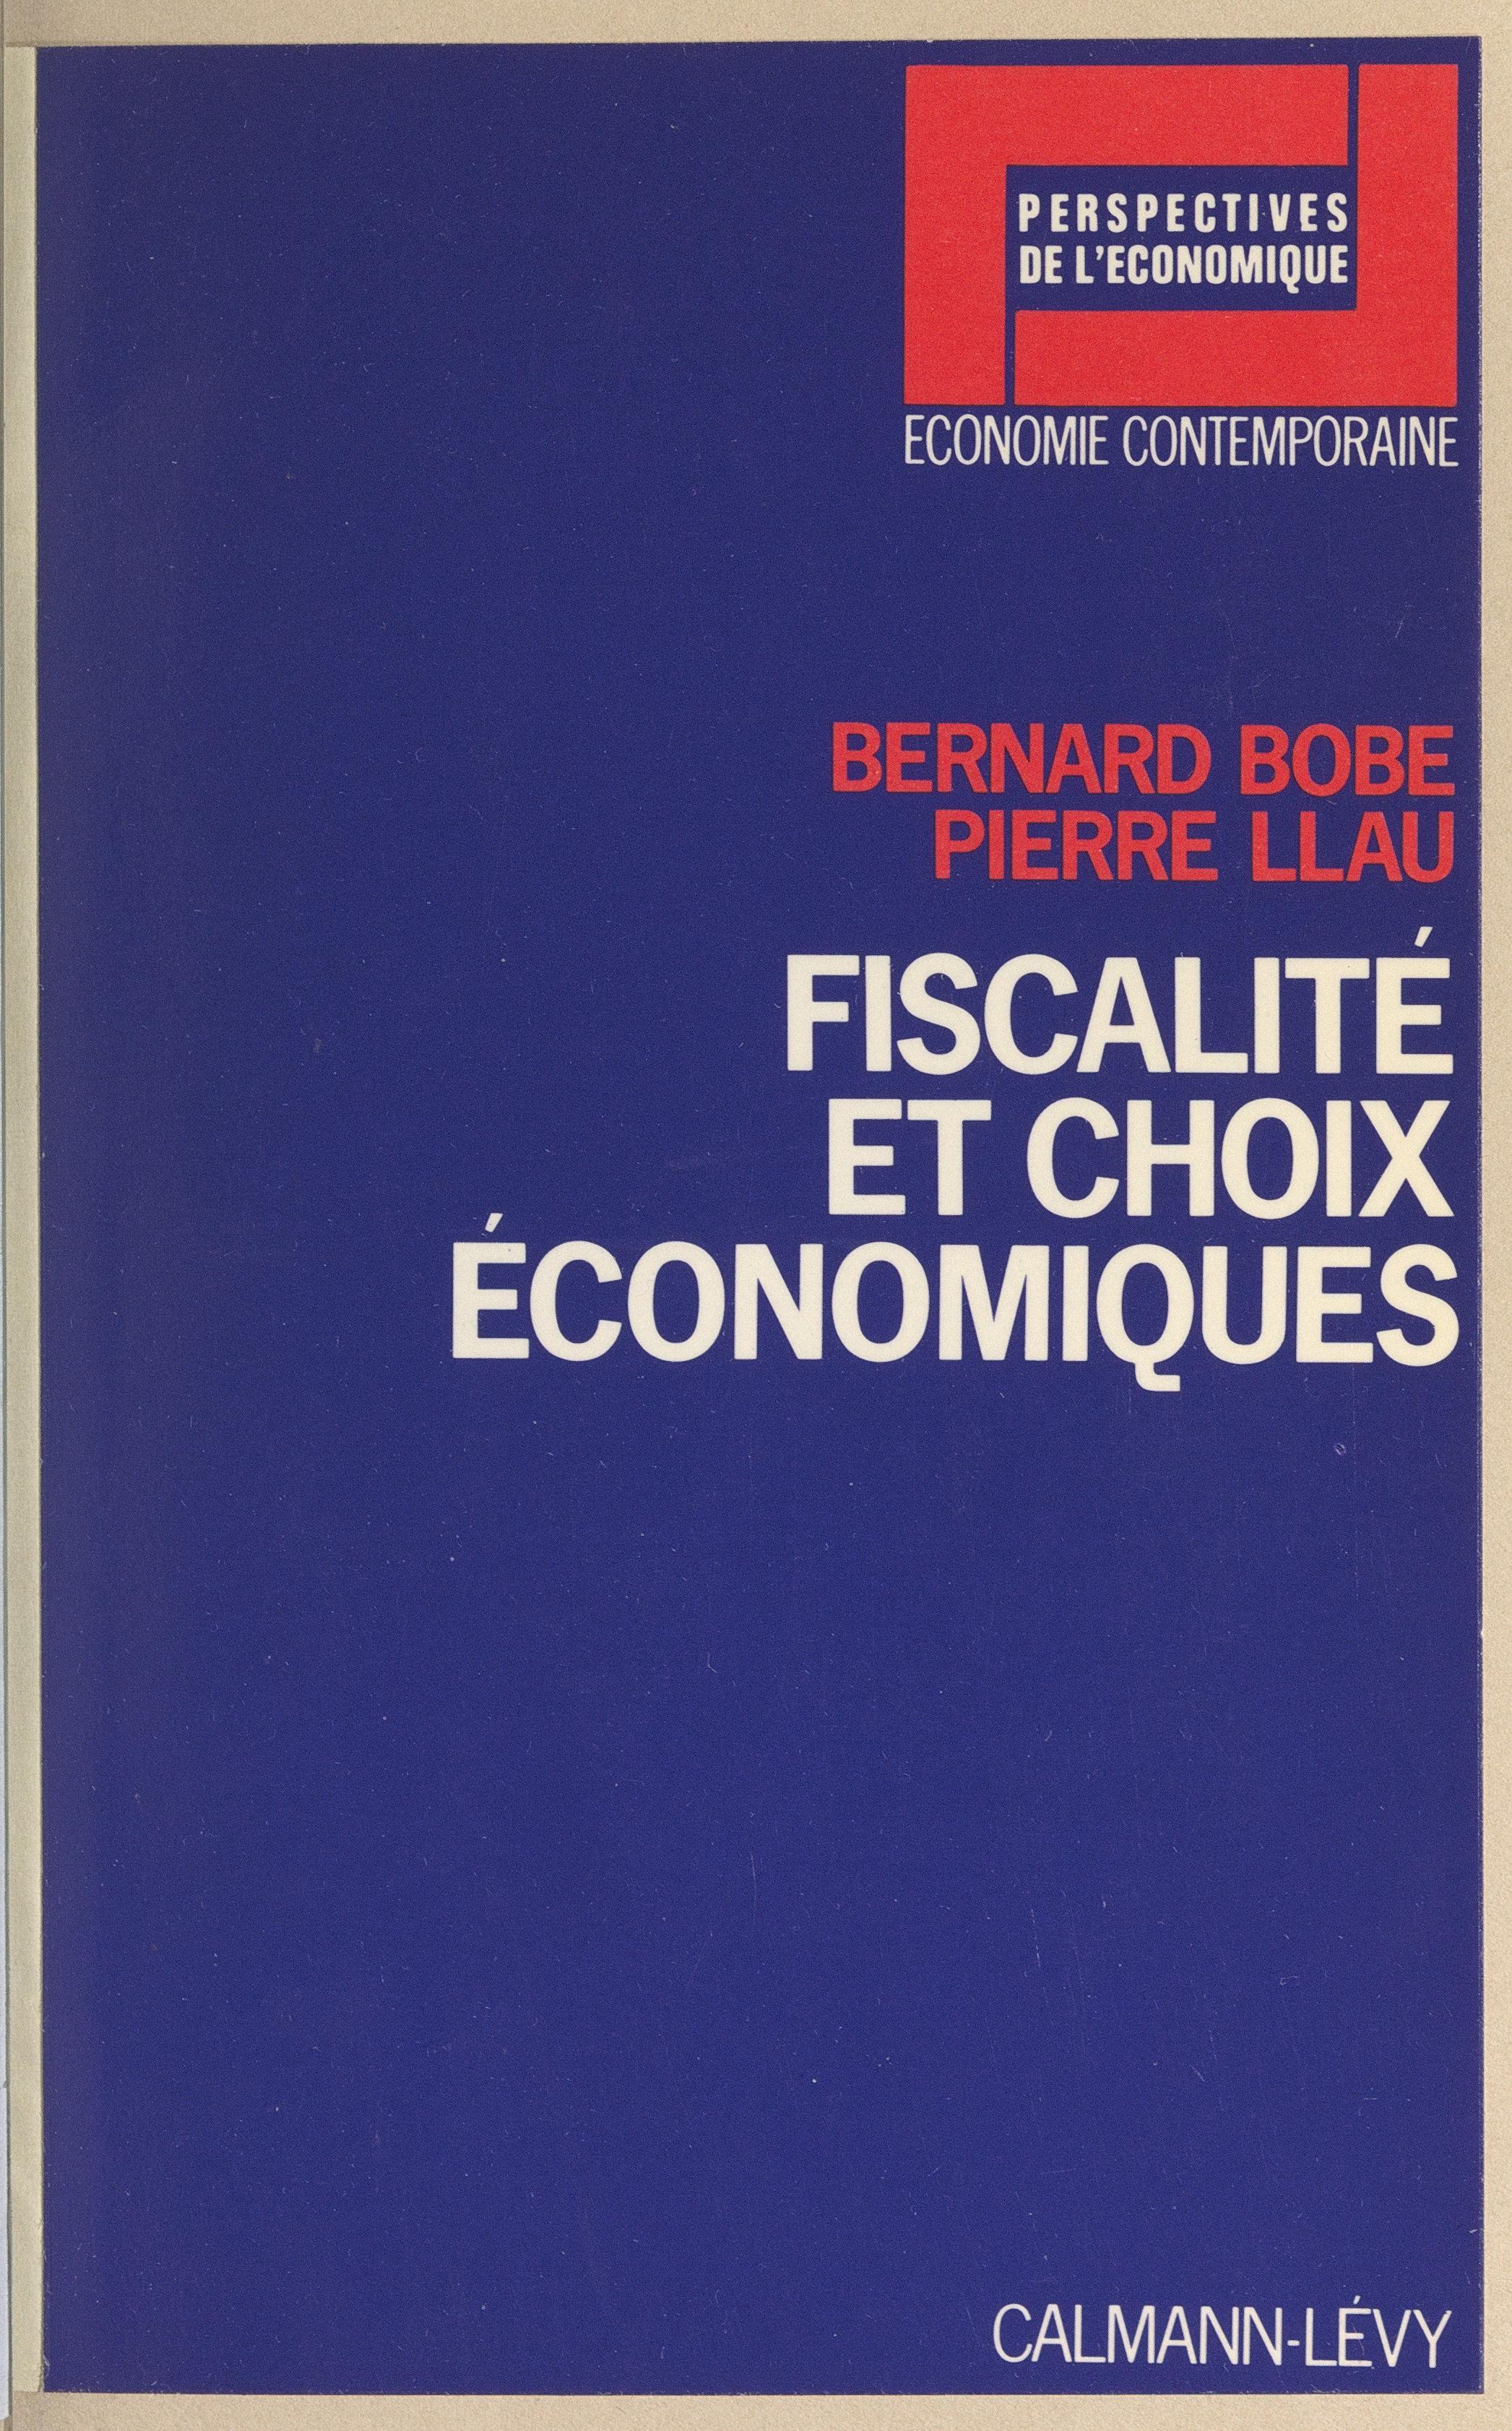 Fiscalité et choix économiques